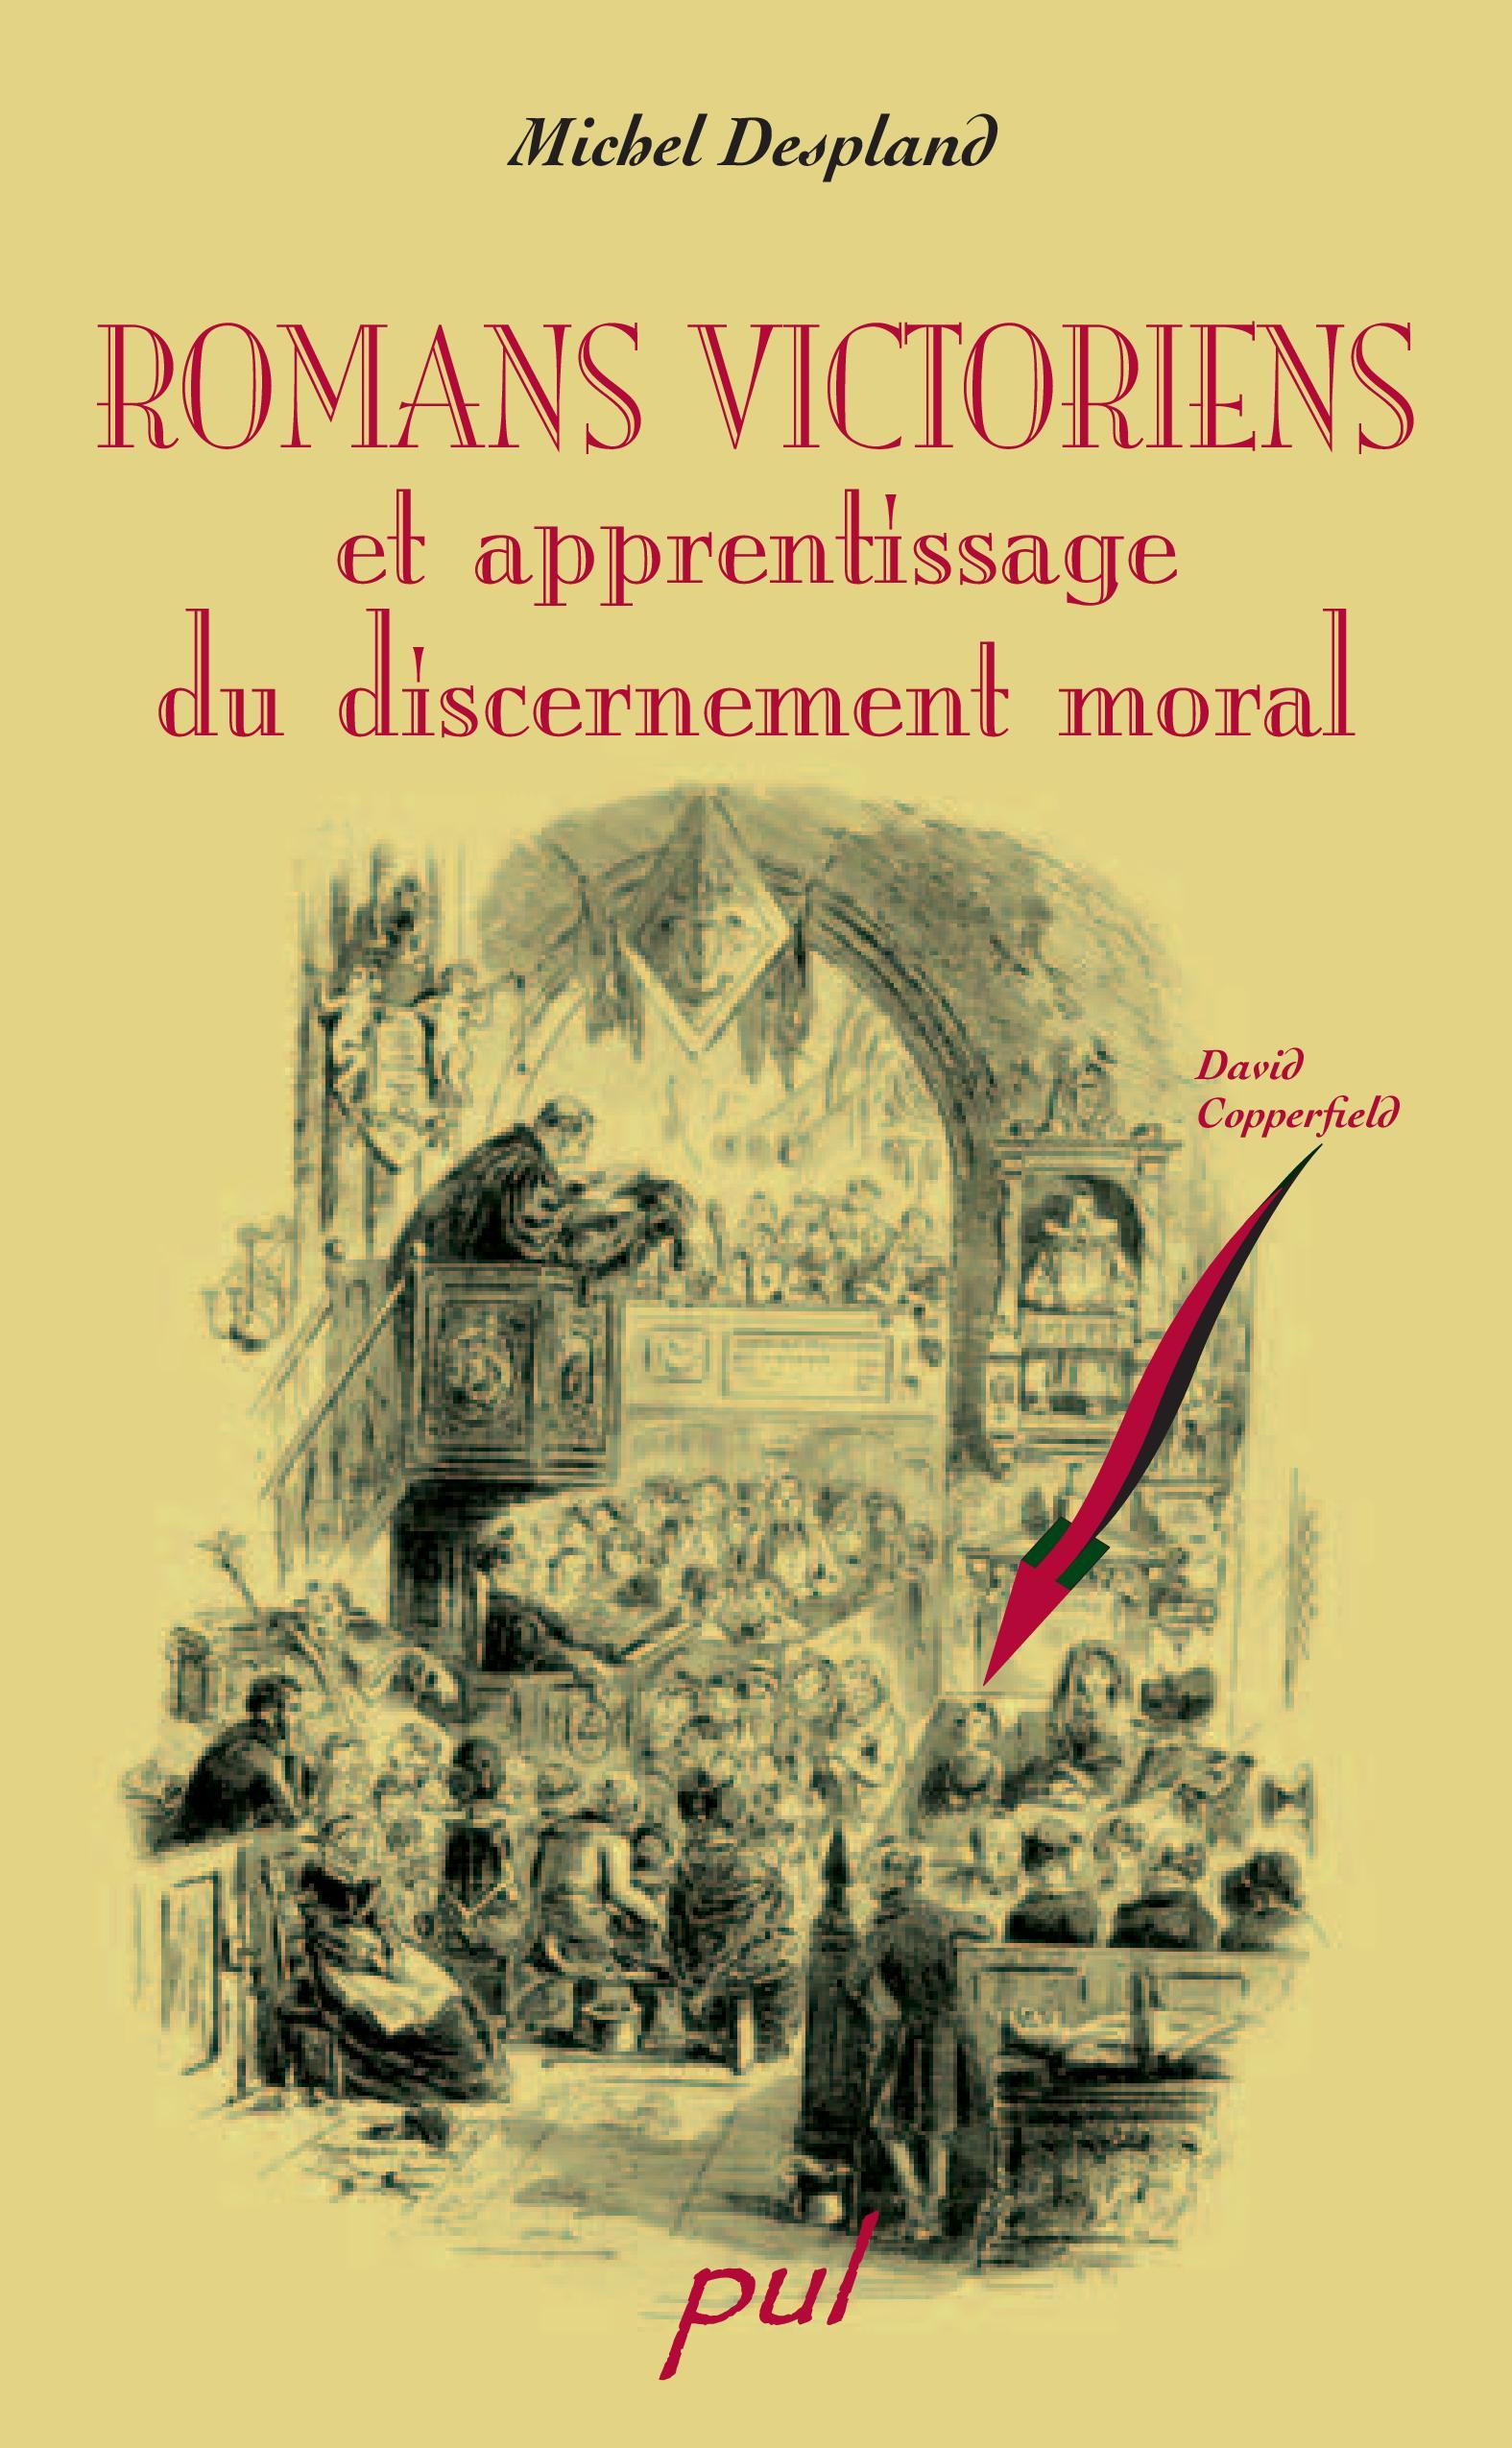 Romans victoriens et apprentissage du discernement